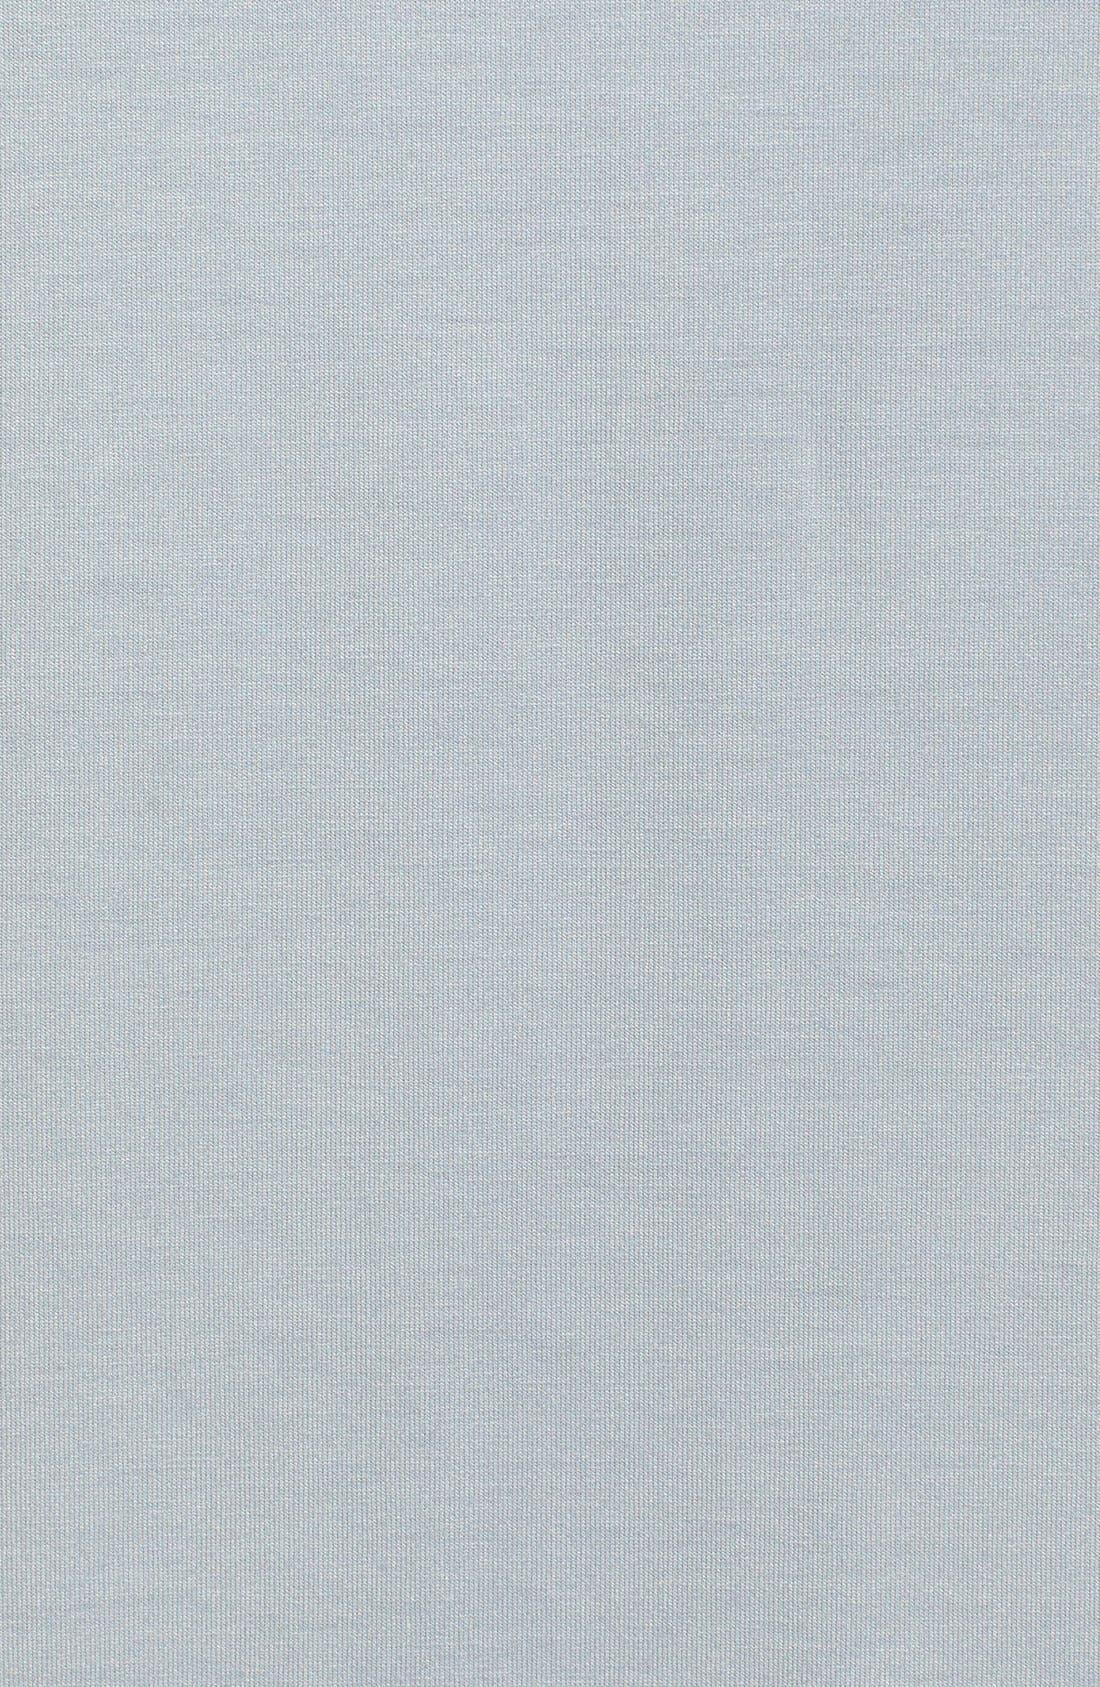 Alternate Image 3  - L'AGENCE Draped Jersey Tunic Dress